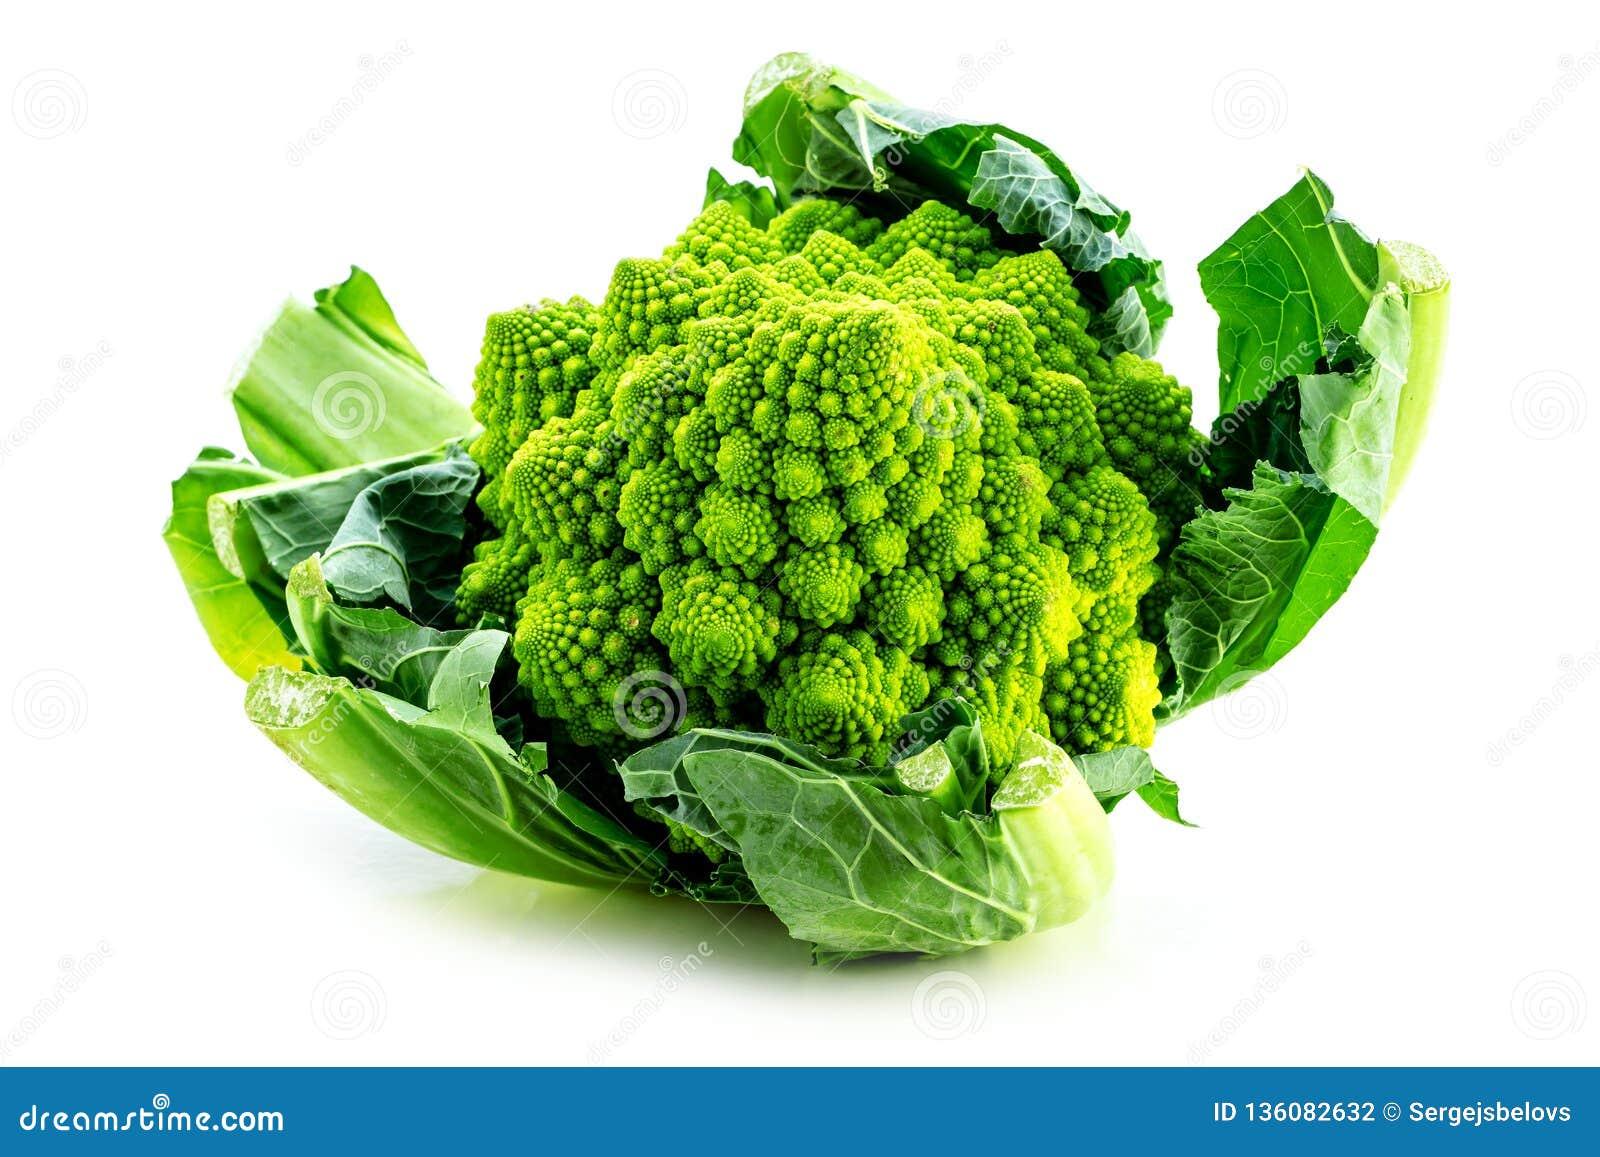 Den Romanesco broccoligrönsaken föreställer en naturlig fractalmodell och är rik i vitimans